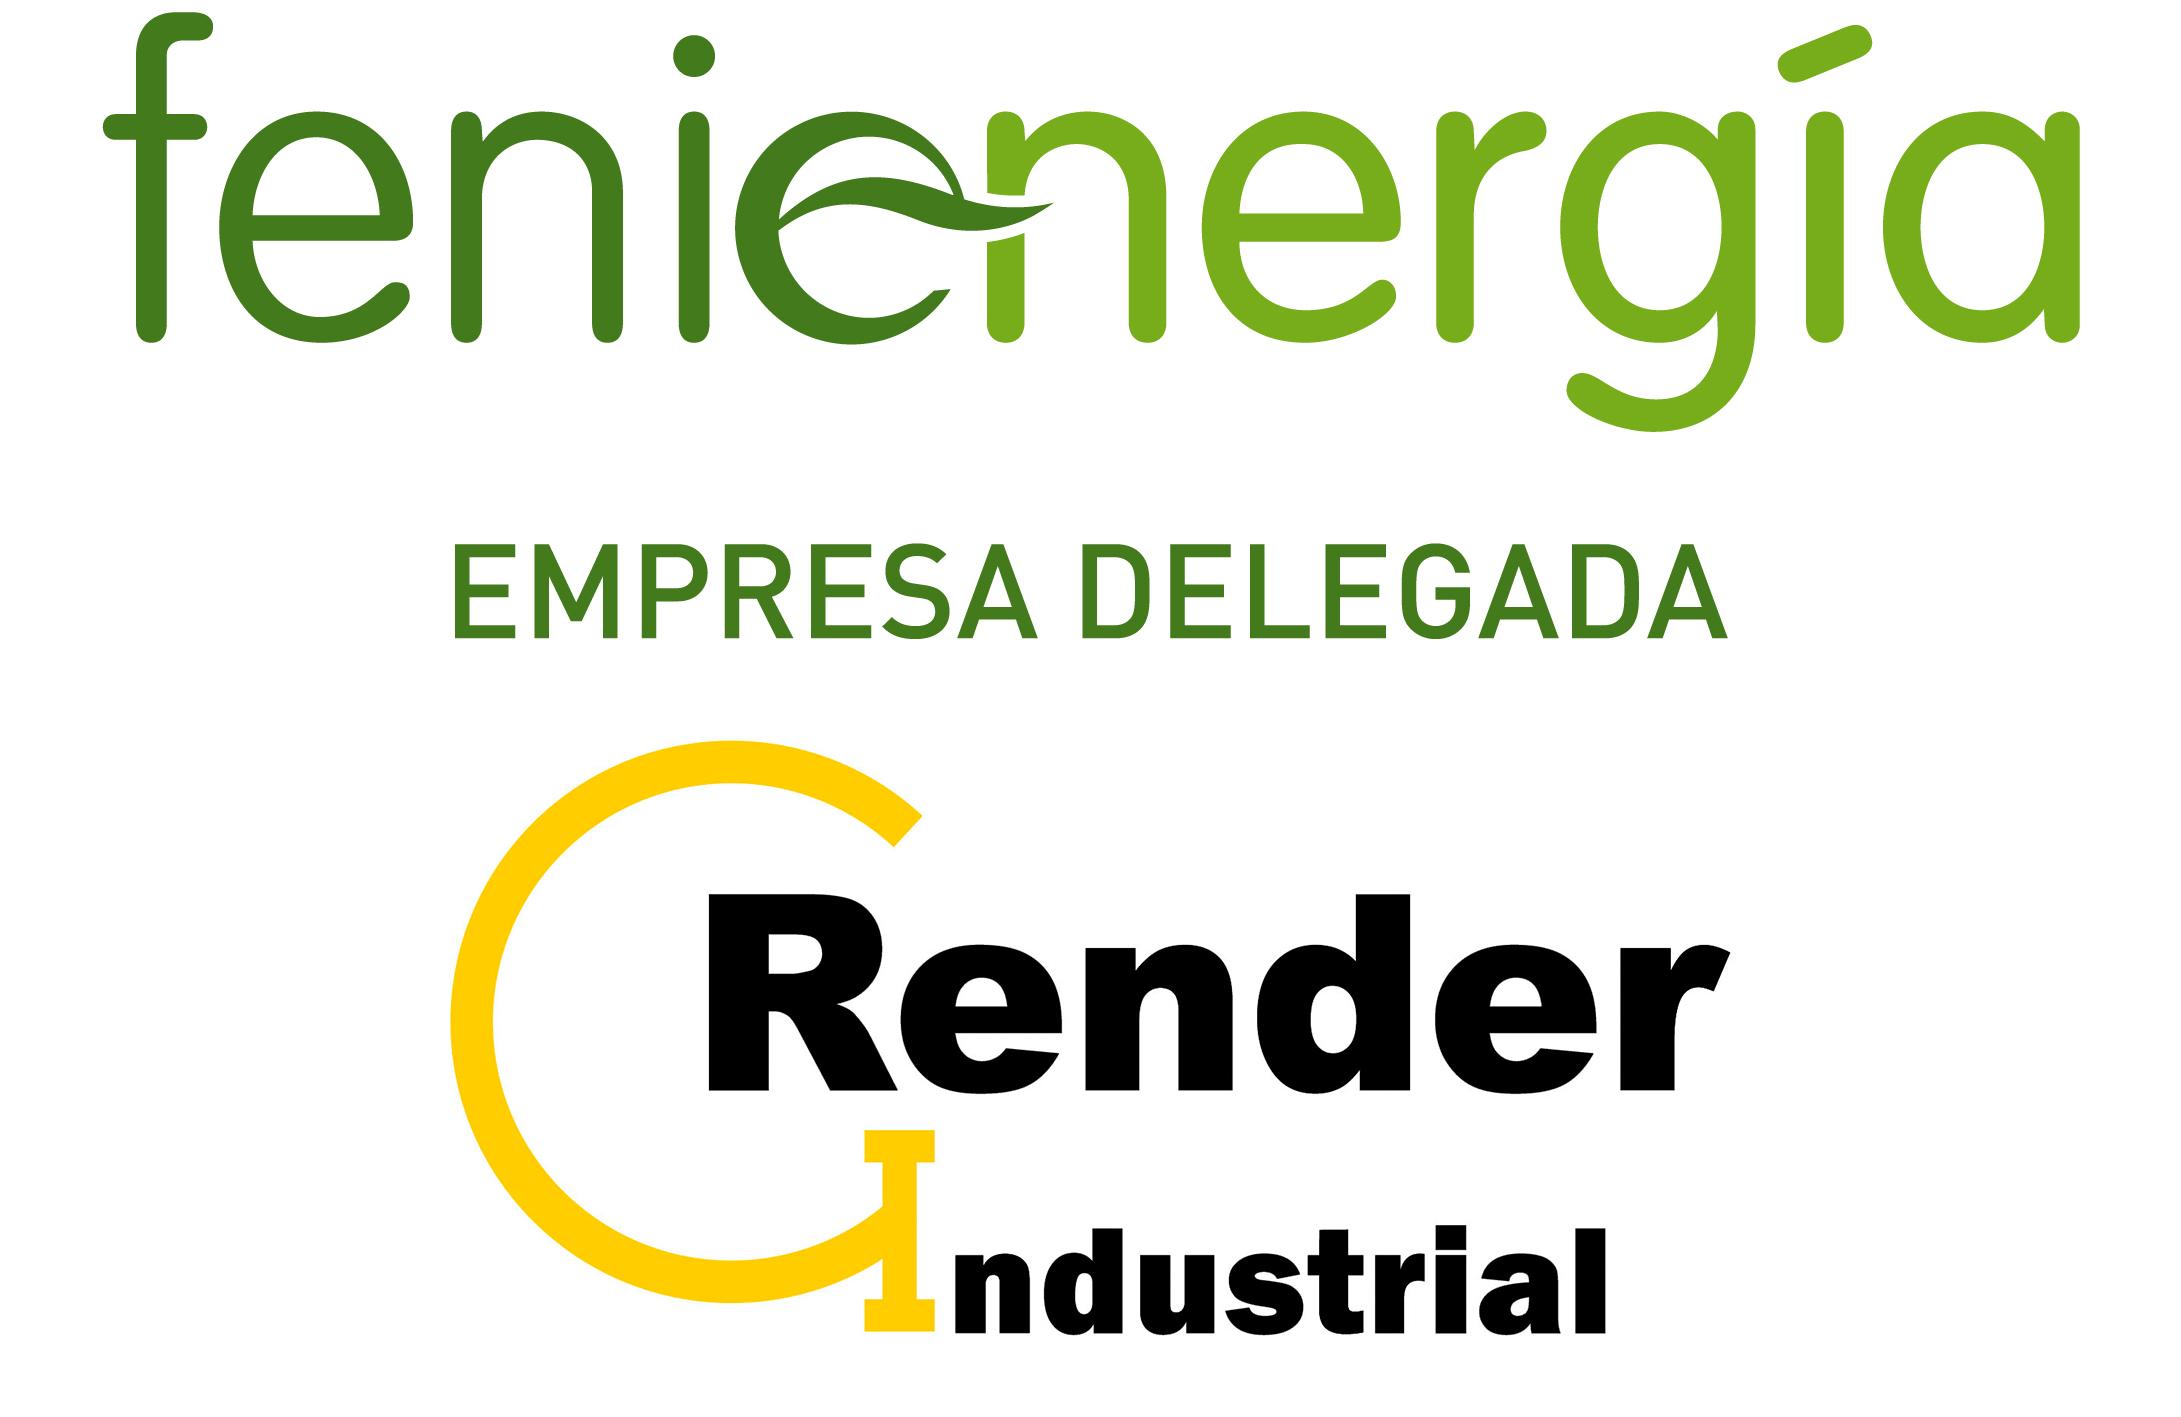 GRUPO RENDER INDUSTRIAL Y MONTAJES S.L. como empresa delegada de la comercializadora FENIE ENERGíA